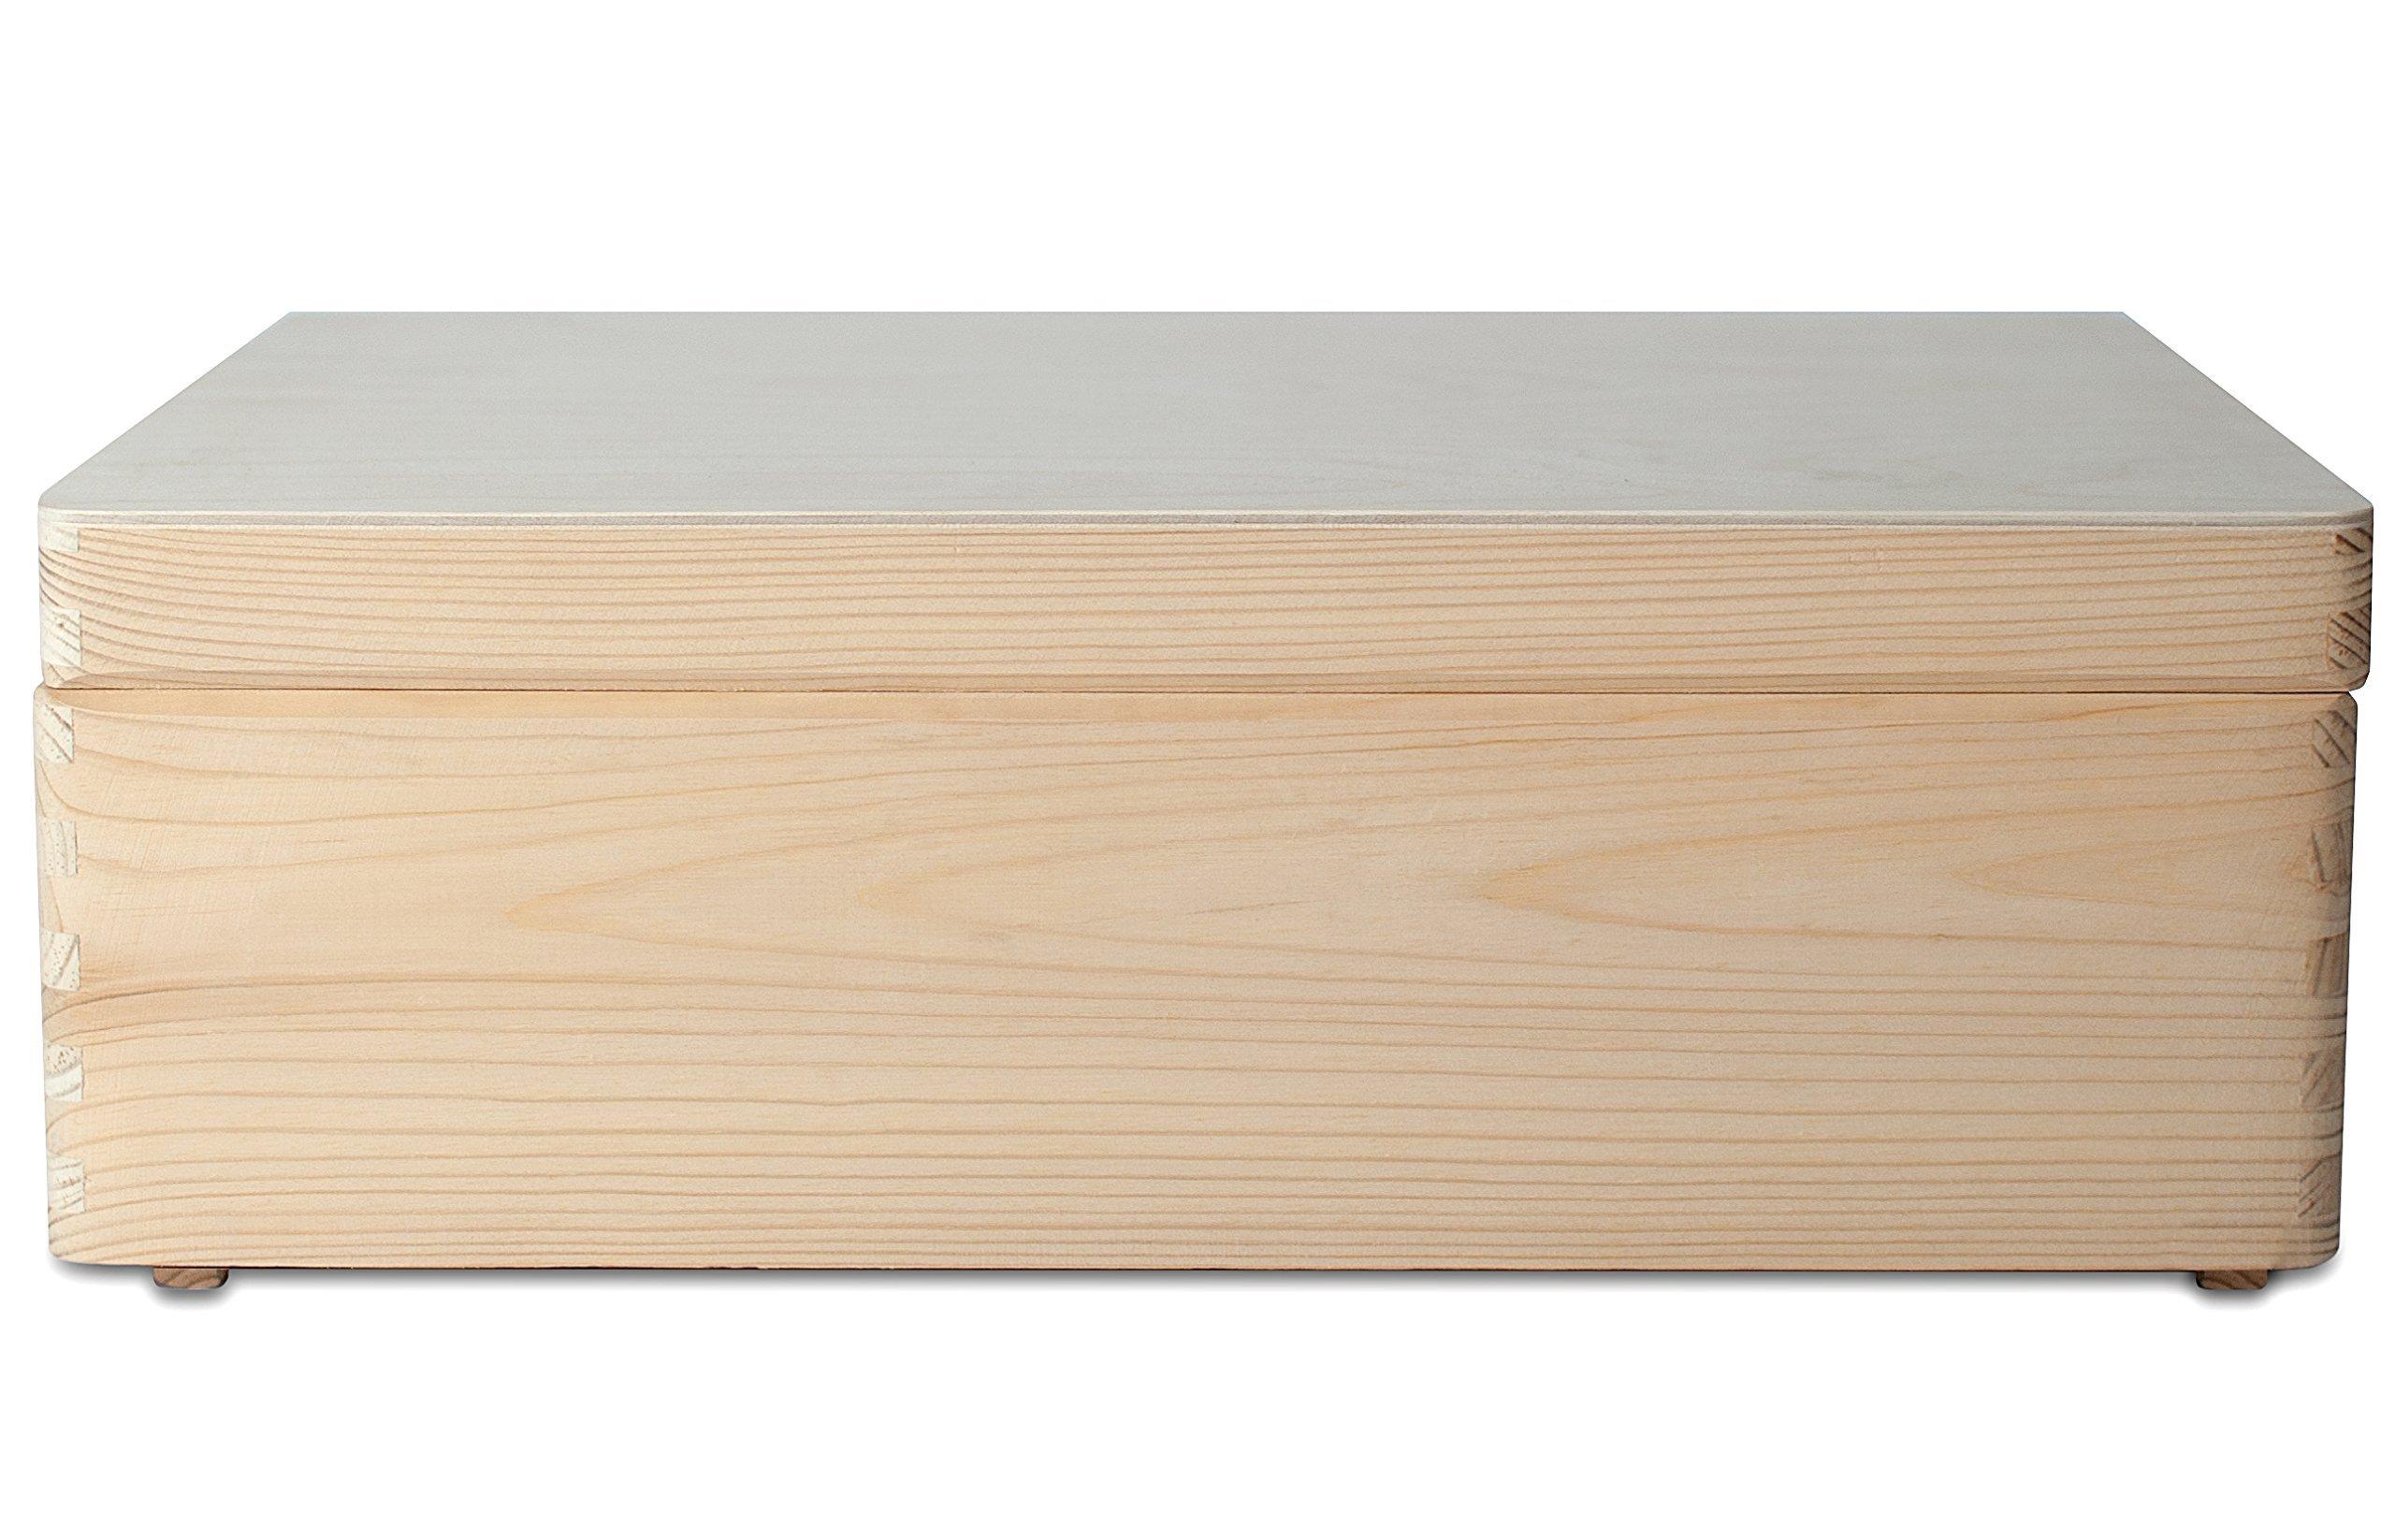 palissandro legno massello OLEATO TAVOLO CON COLONNINA 180x90 SHEESHAM LEGNO MOBILI massiccio marrone NATURA BUDDHA #129